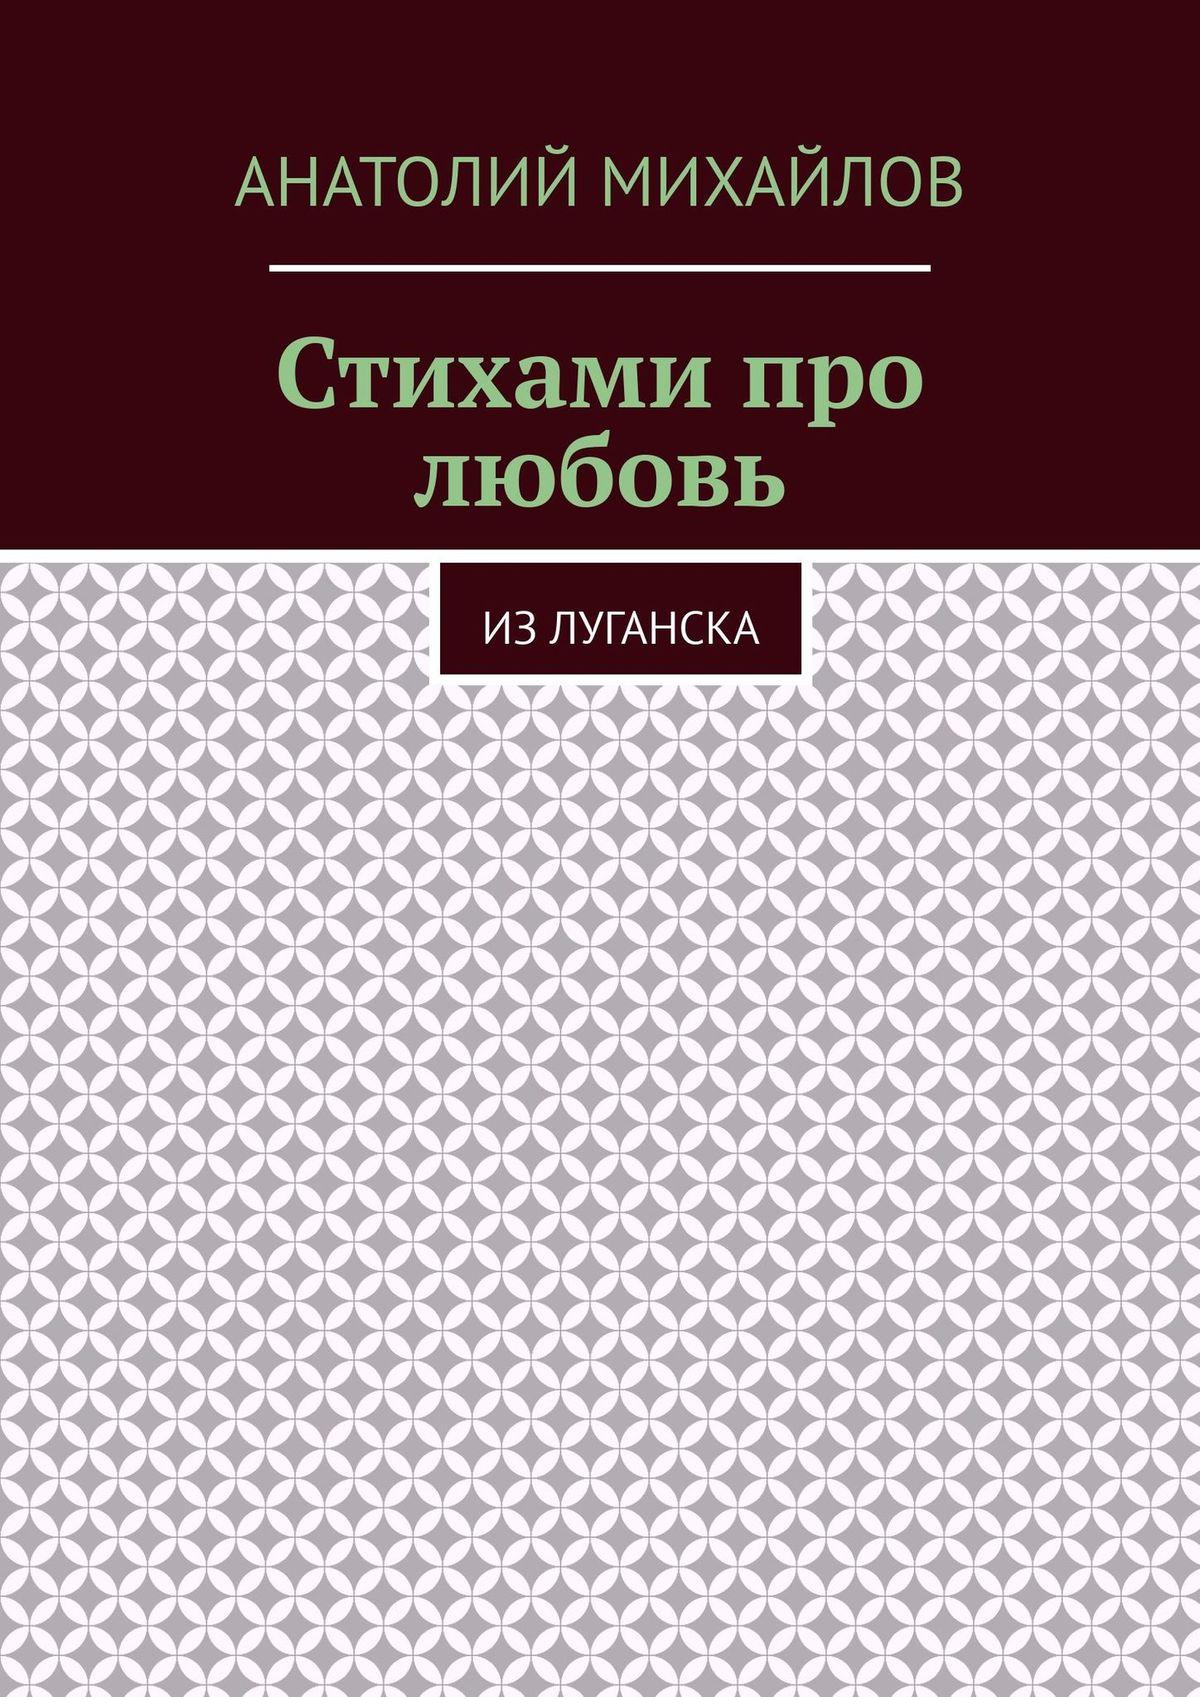 Анатолий Михайлов Новеллы про любовь андрей михайлов последняя партия для твоих пальцев и моих нервов